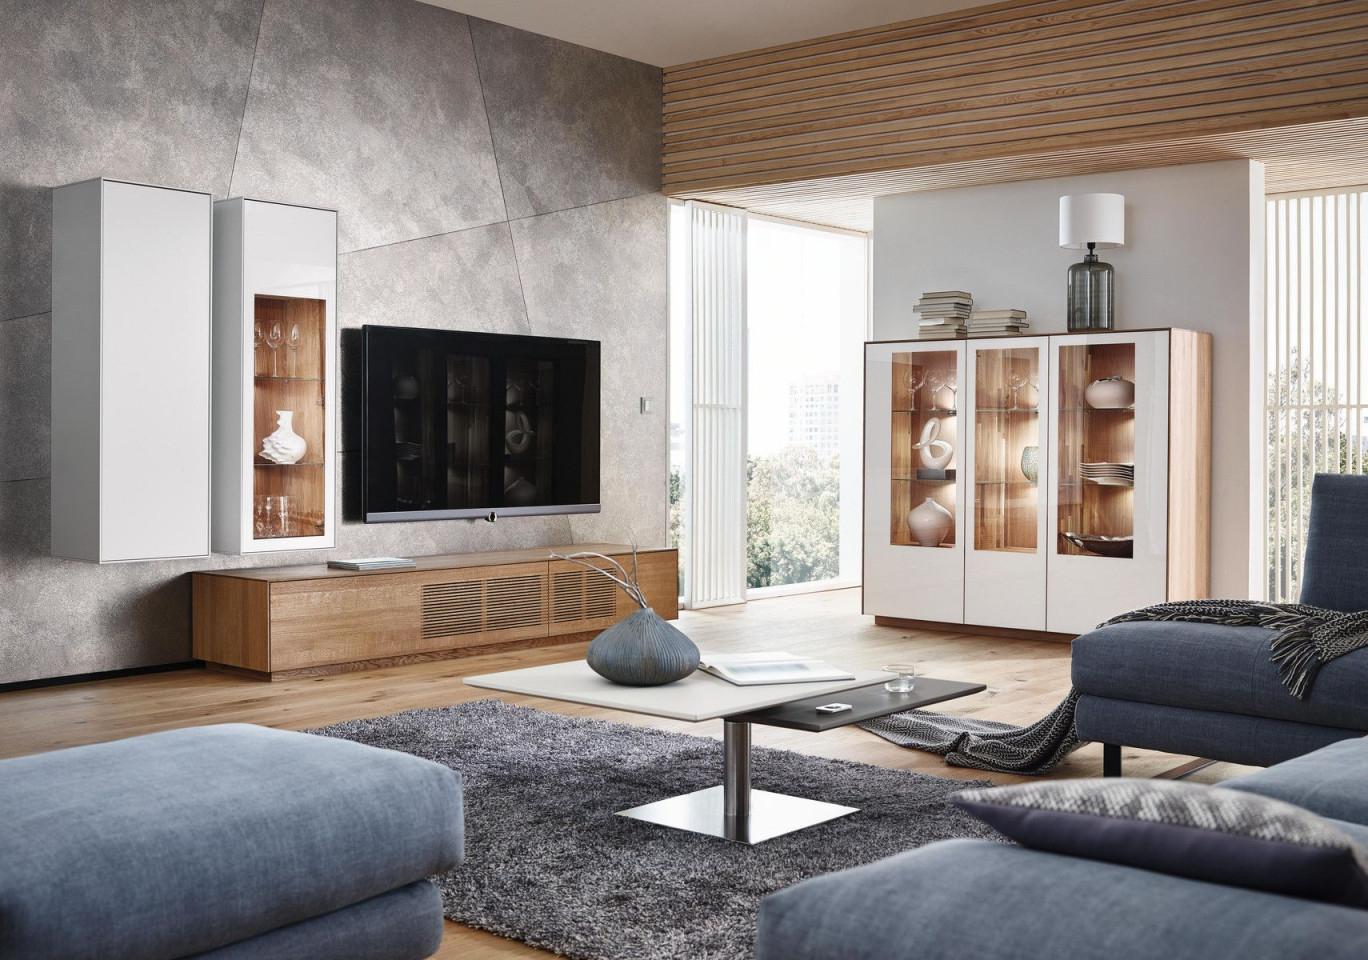 Moderne Wohnzimmermöbel – Designermöbel Für Ihr Wohnzimmer von Moderne Möbel Wohnzimmer Photo